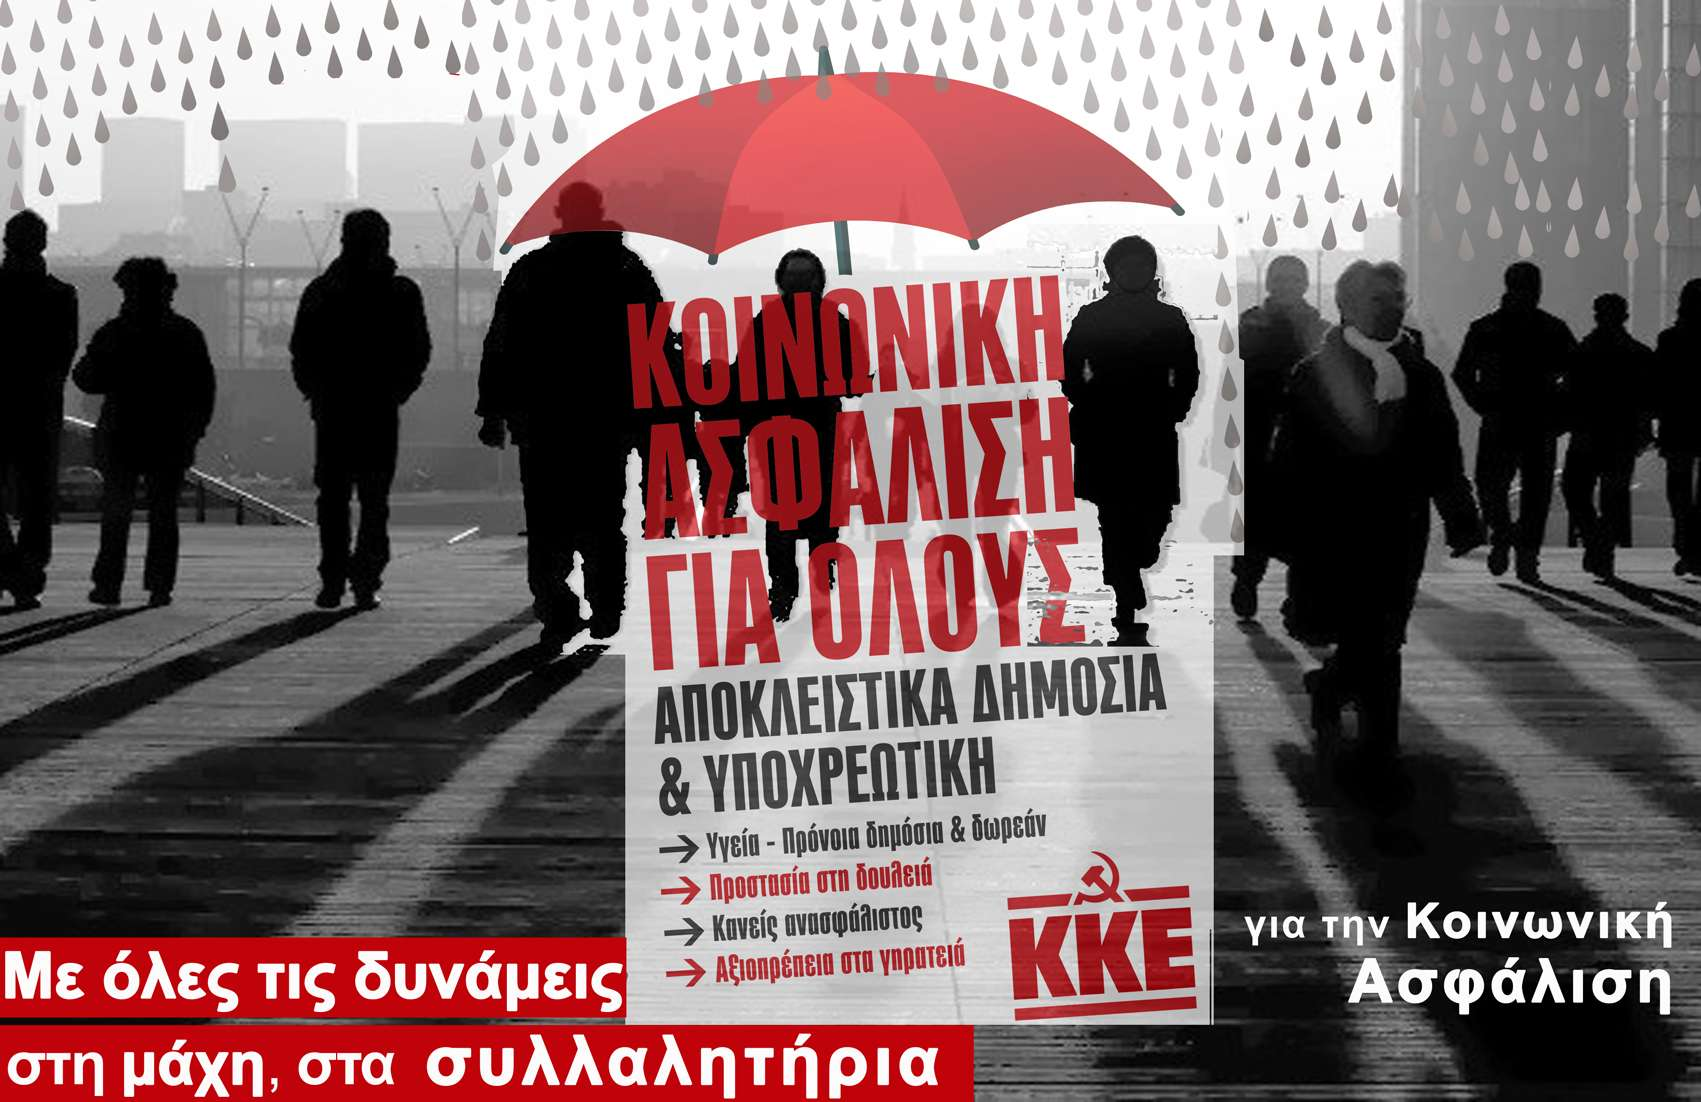 ΚΚΕ Με όλες τις δυνάμεις στη μάχη για τα συλλαλητήρια για την Κοινωνική Ασφάλιση